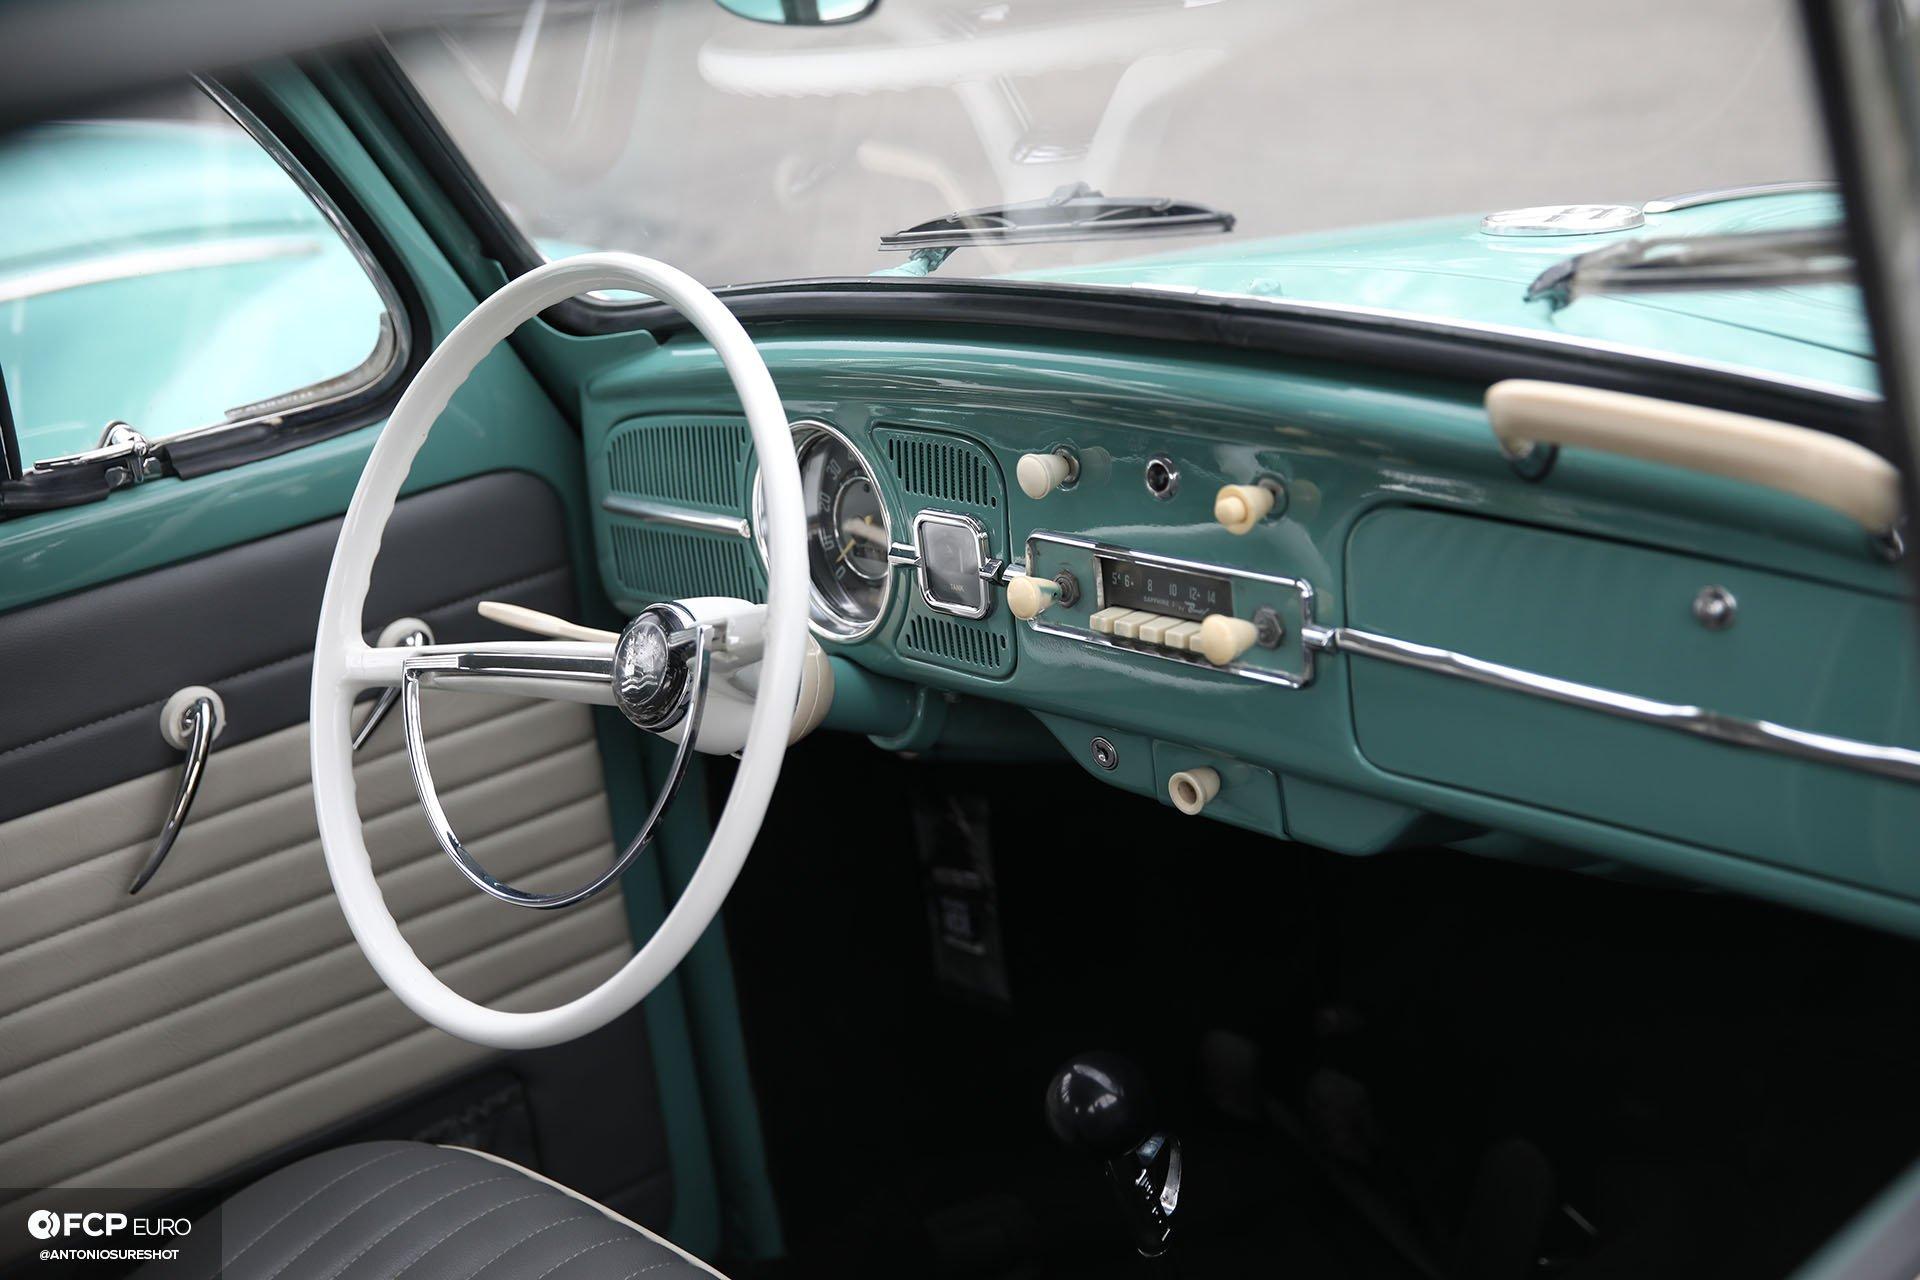 Volkswagen Beetle Teal Interior